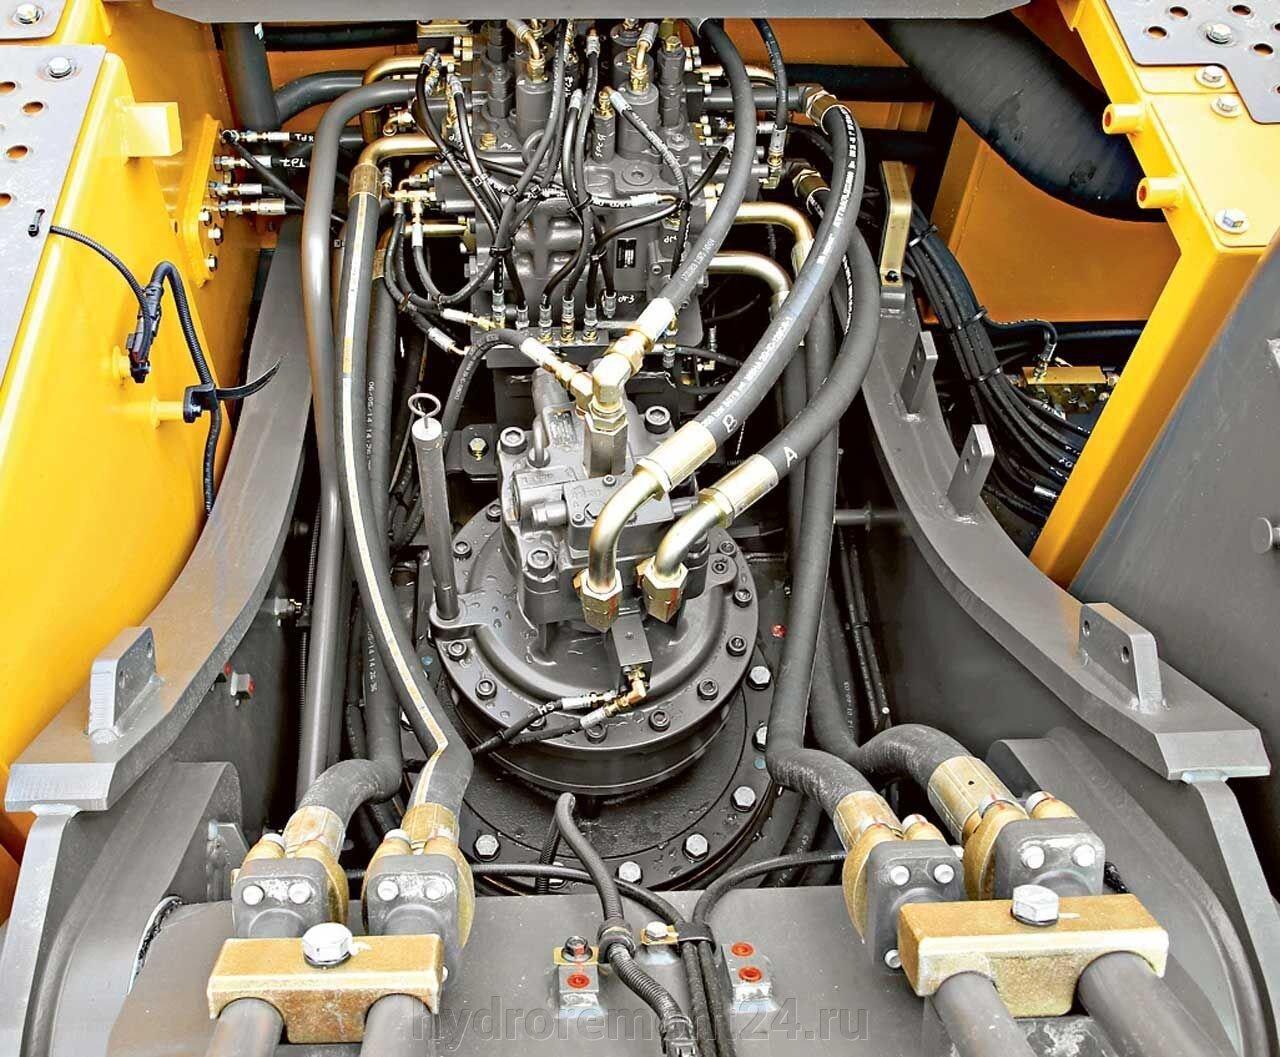 Ремонт гидромоторов экскаваторов - фото pic_eb0c0d9bff69dbc19ad3bb76d435e402_1920x9000_1.jpg